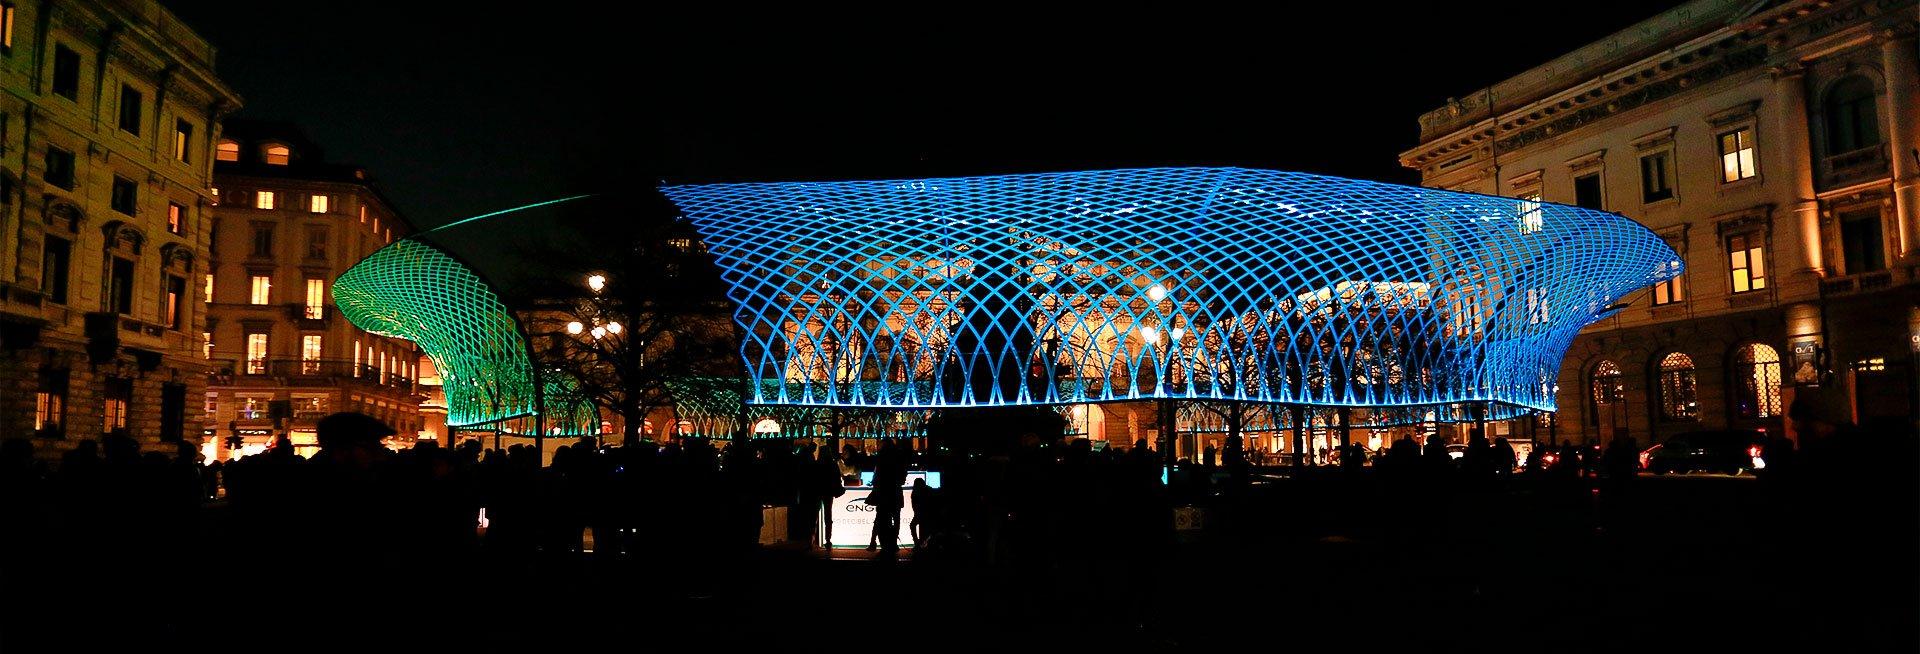 installazione luminosa Piazza della Scala